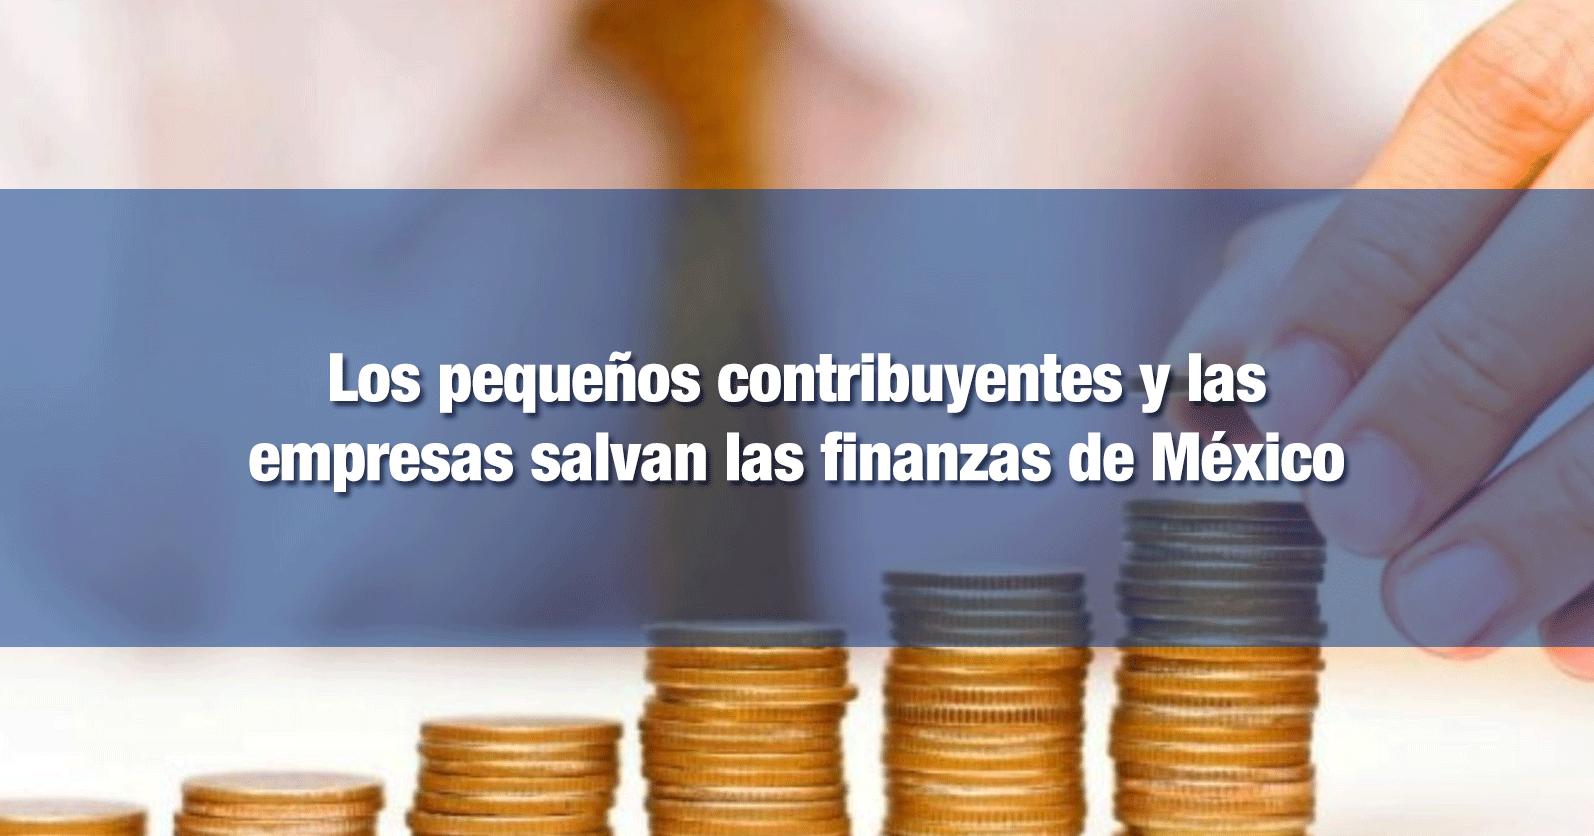 Los pequeños contribuyentes y las empresas salvan las finanzas de México